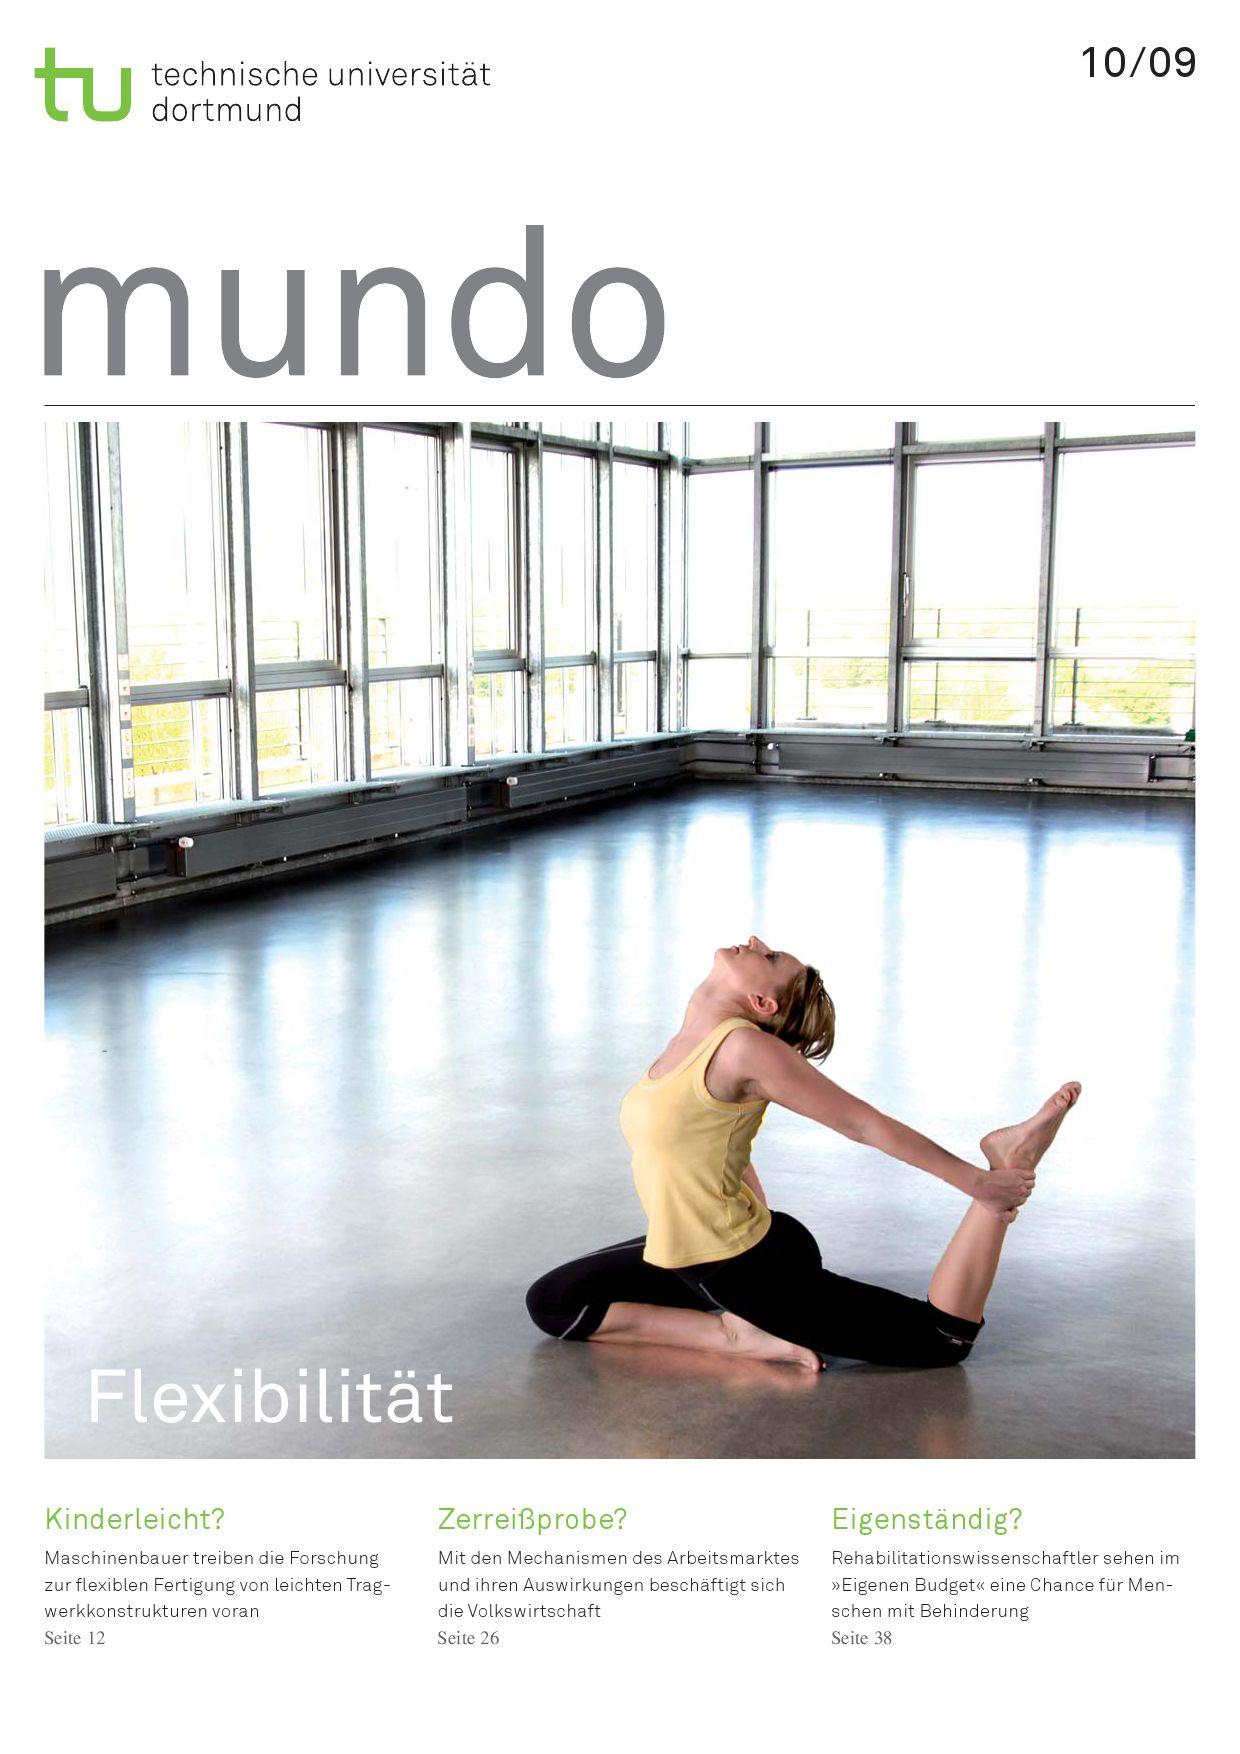 mundo 10/09 by TUDortmund - issuu